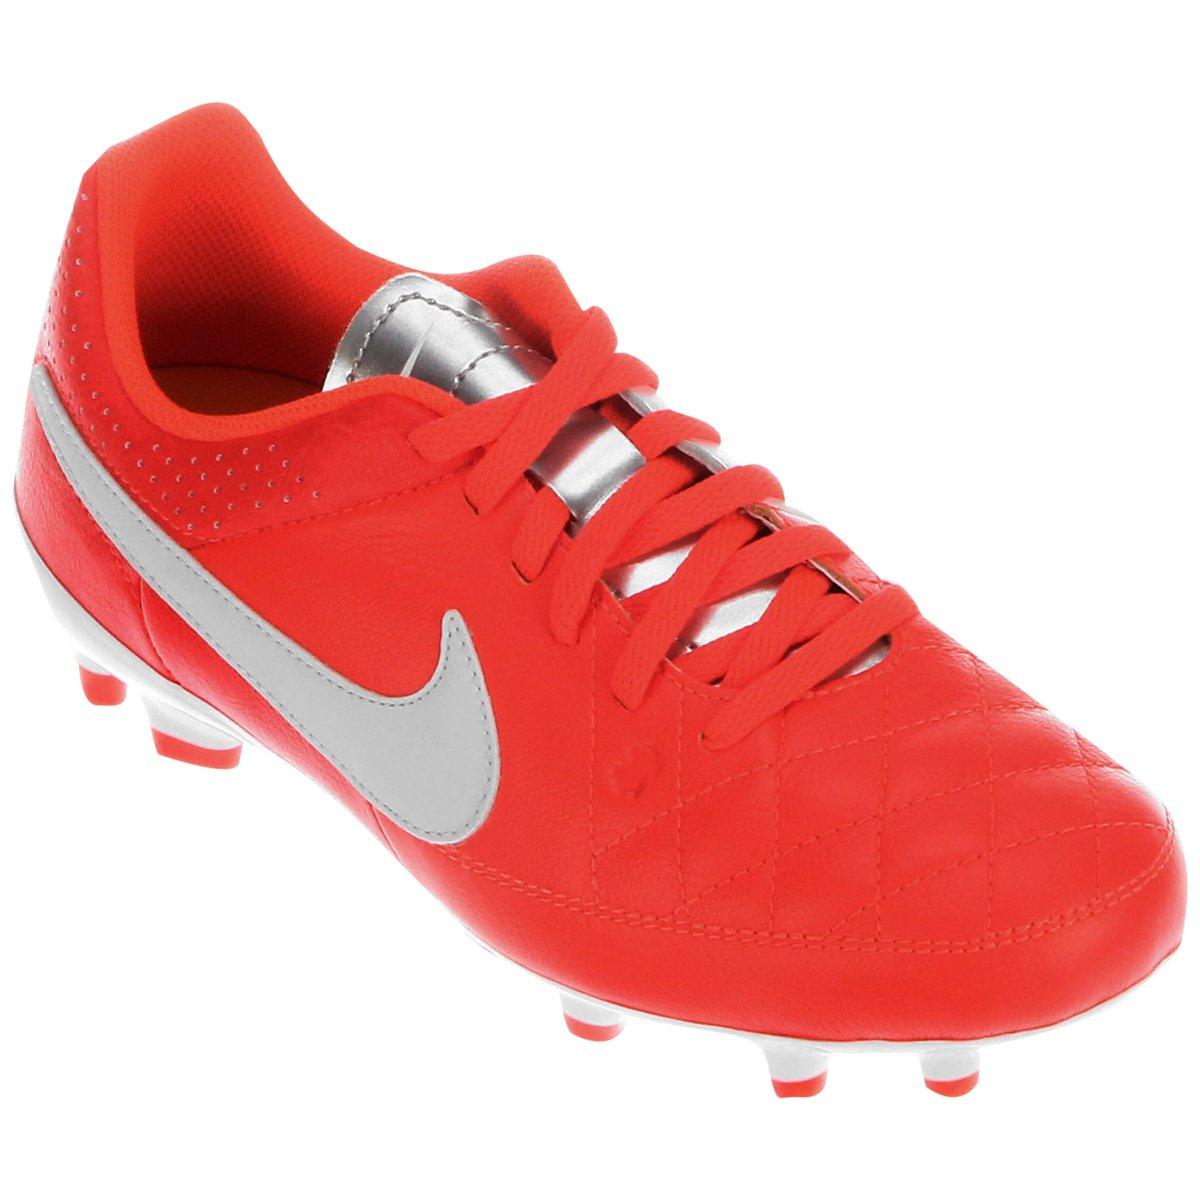 9747fed3d0 Chuteira Nike Tiempo Gênio Leather FG Campo Infantil - Compre Agora ...